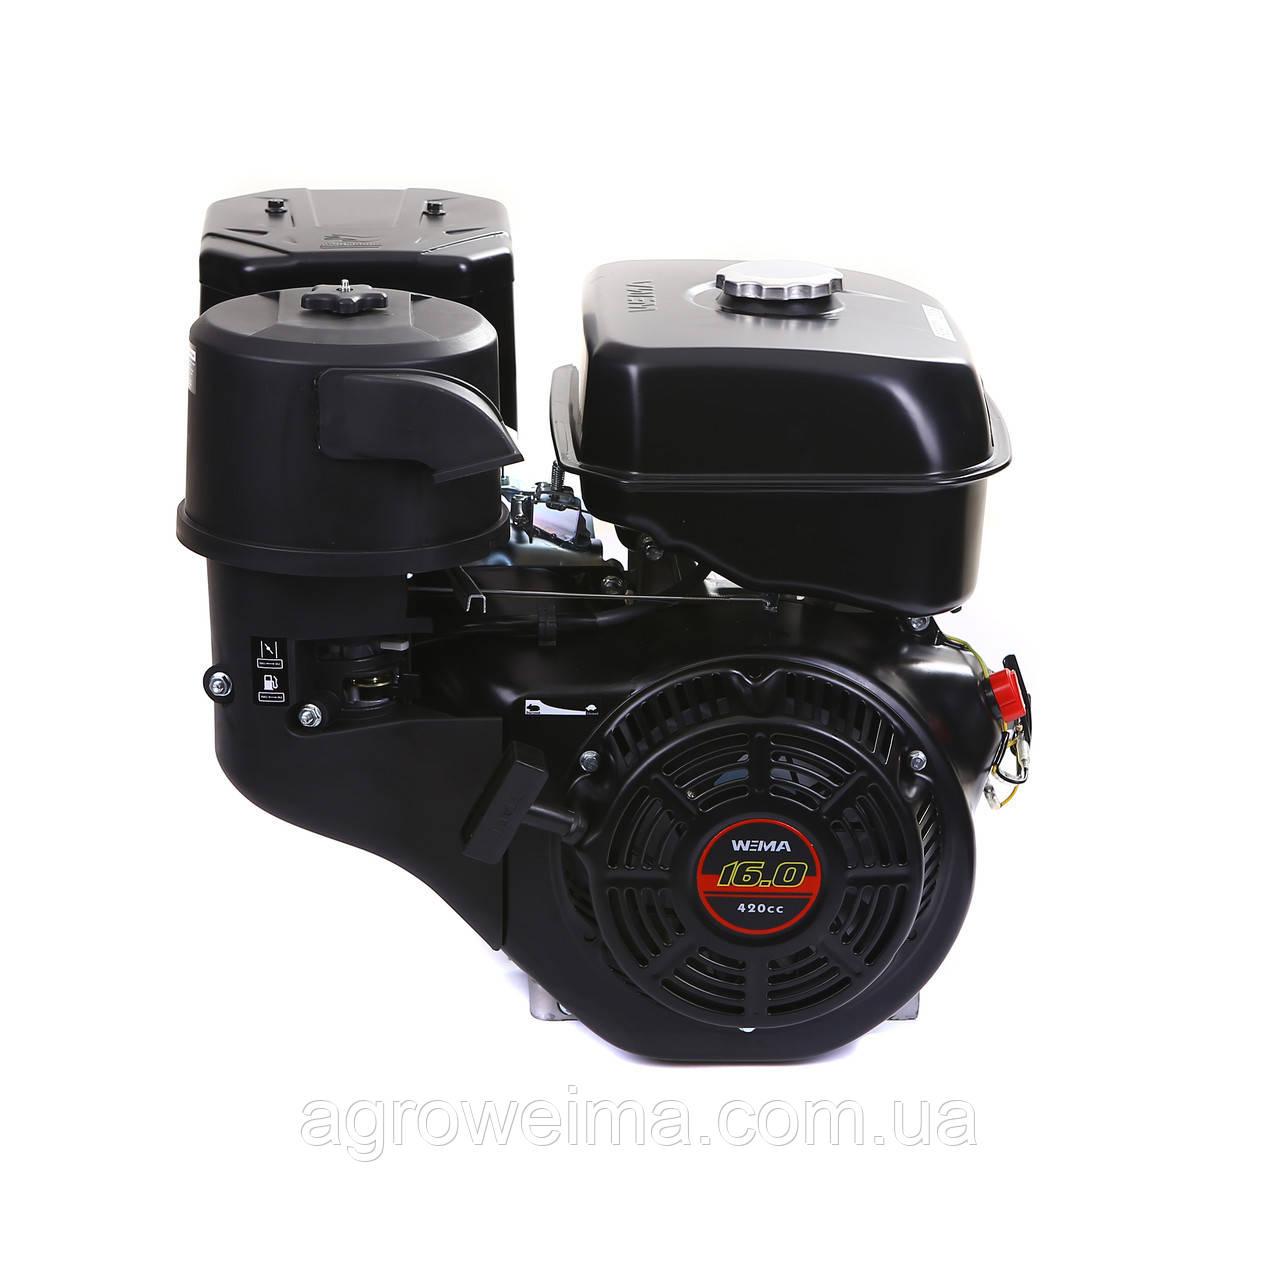 Двигатель бензиновый  WEIMA WM190F-L (R) NEW (ВАЛ ПОД ШПОНКУ, 25 ММ, 16 Л.С., РЕДУКТОР )